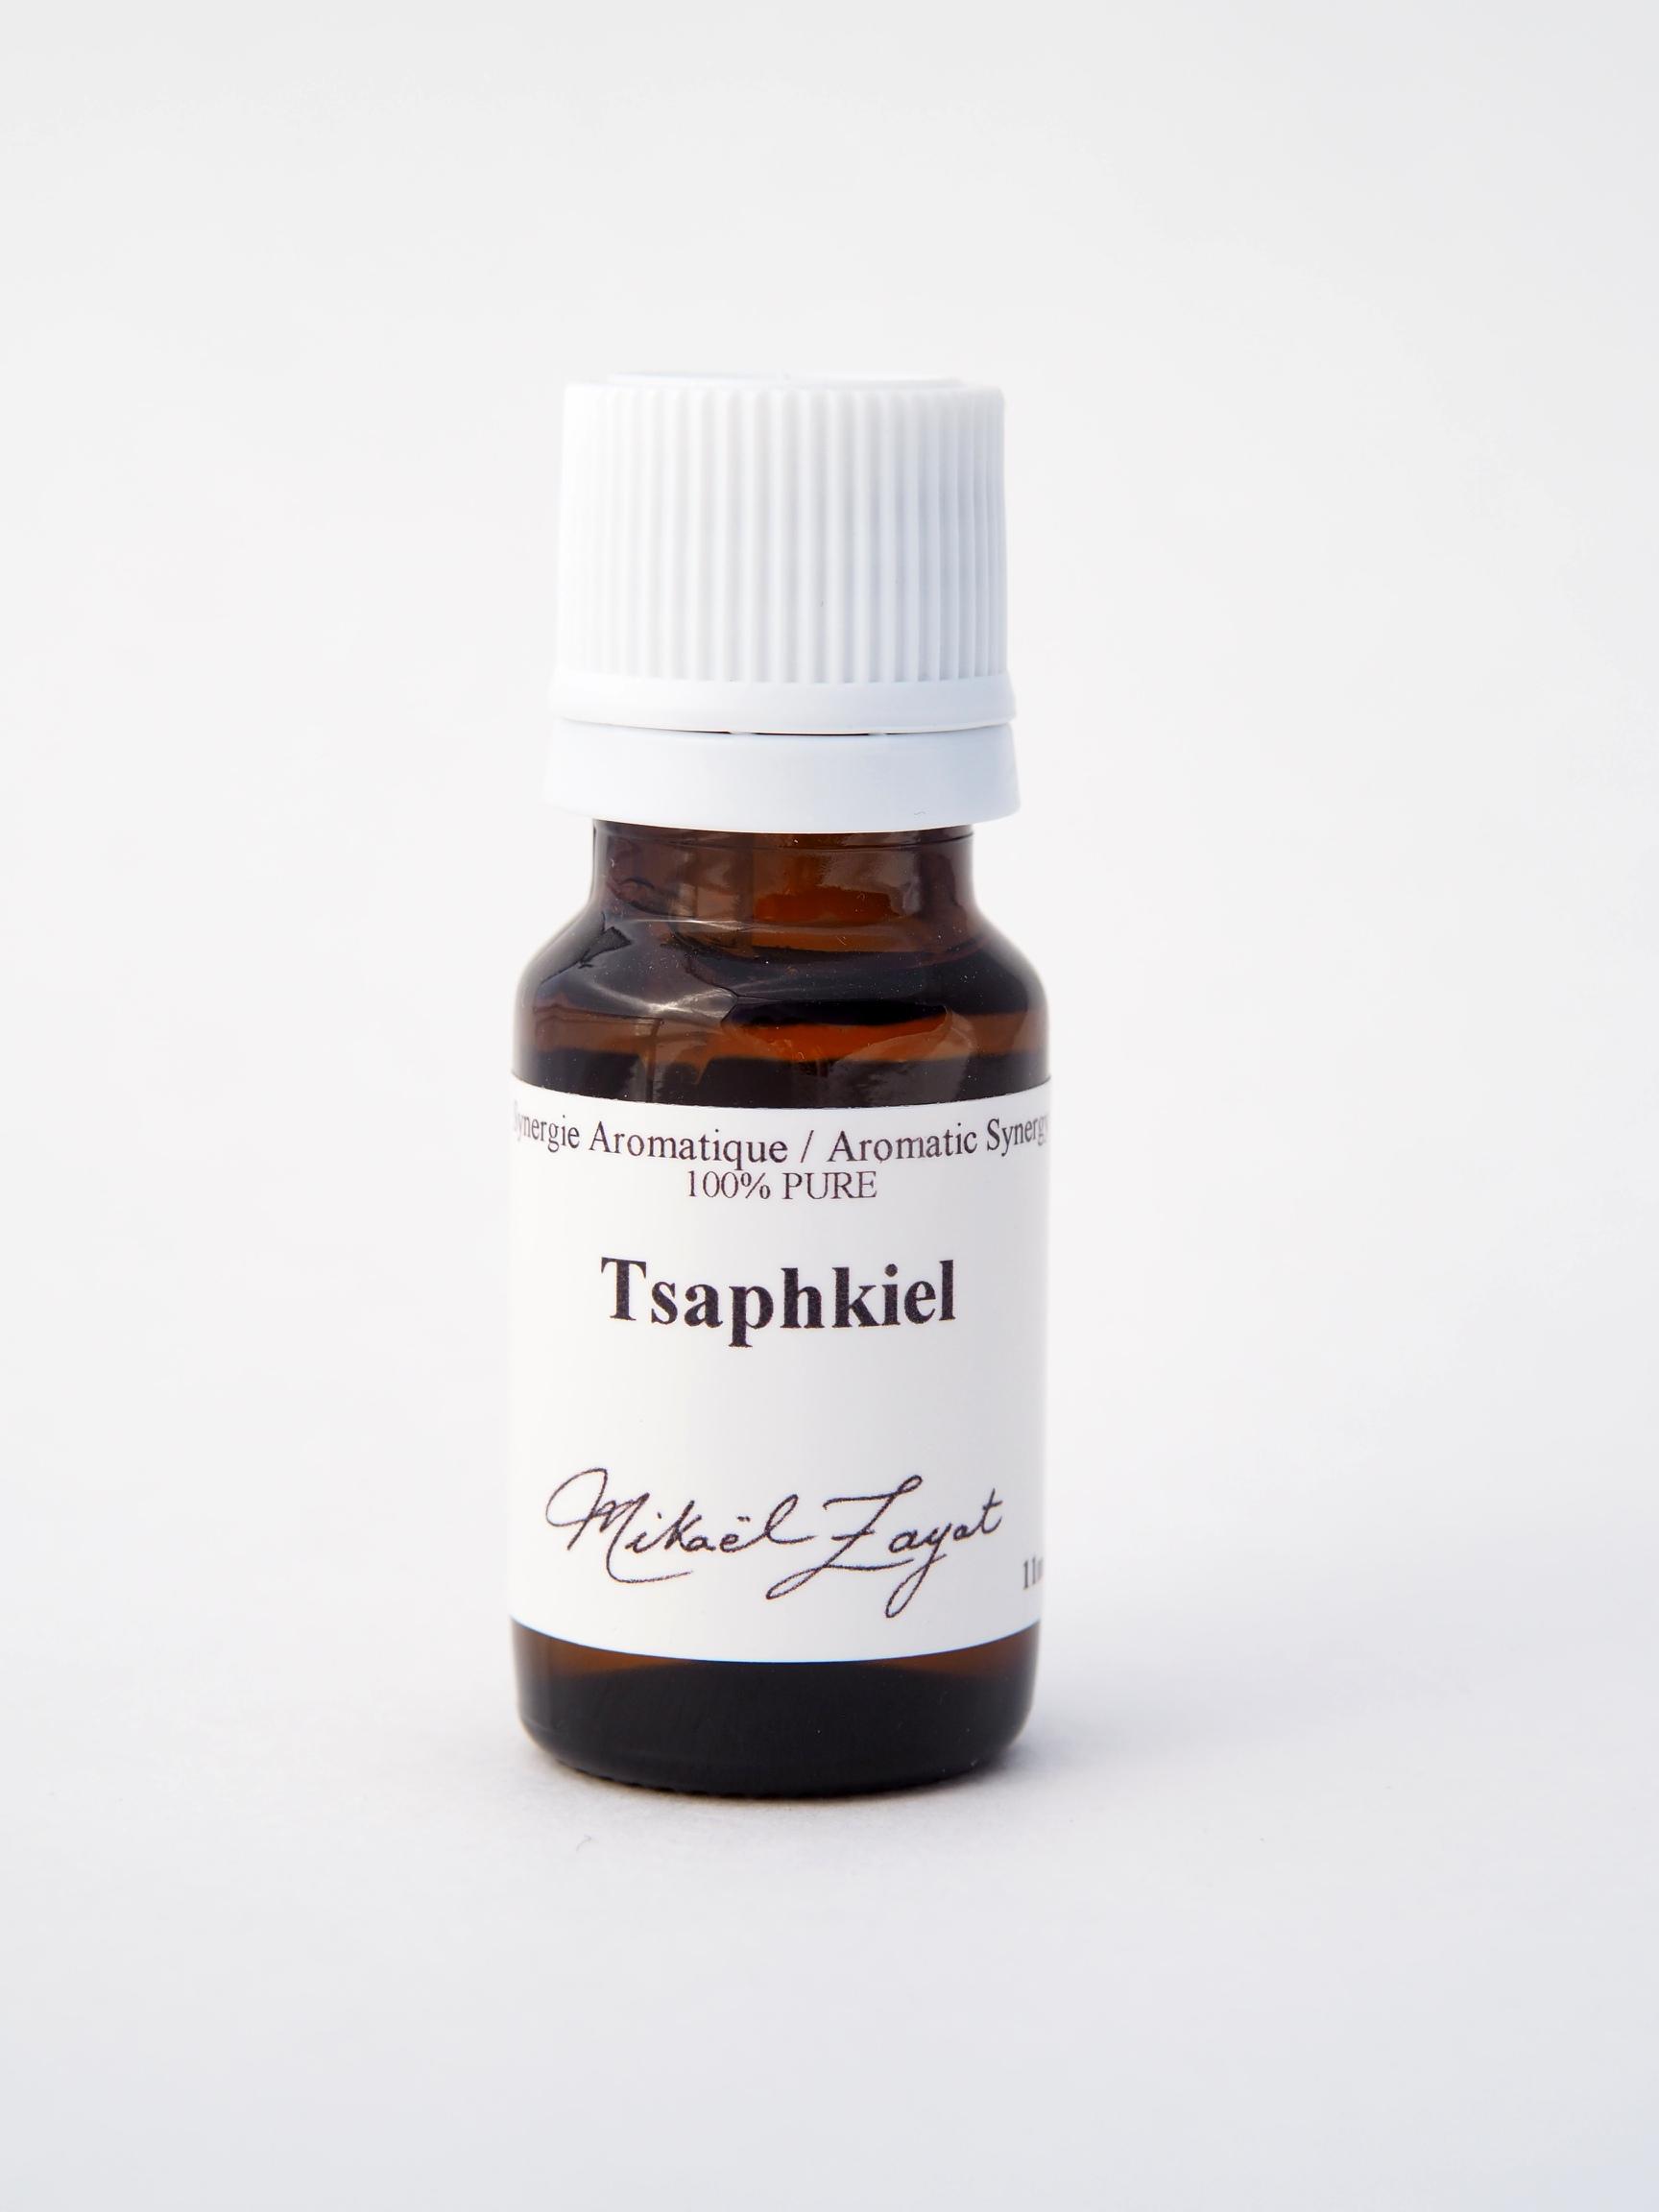 Tsaphkiel